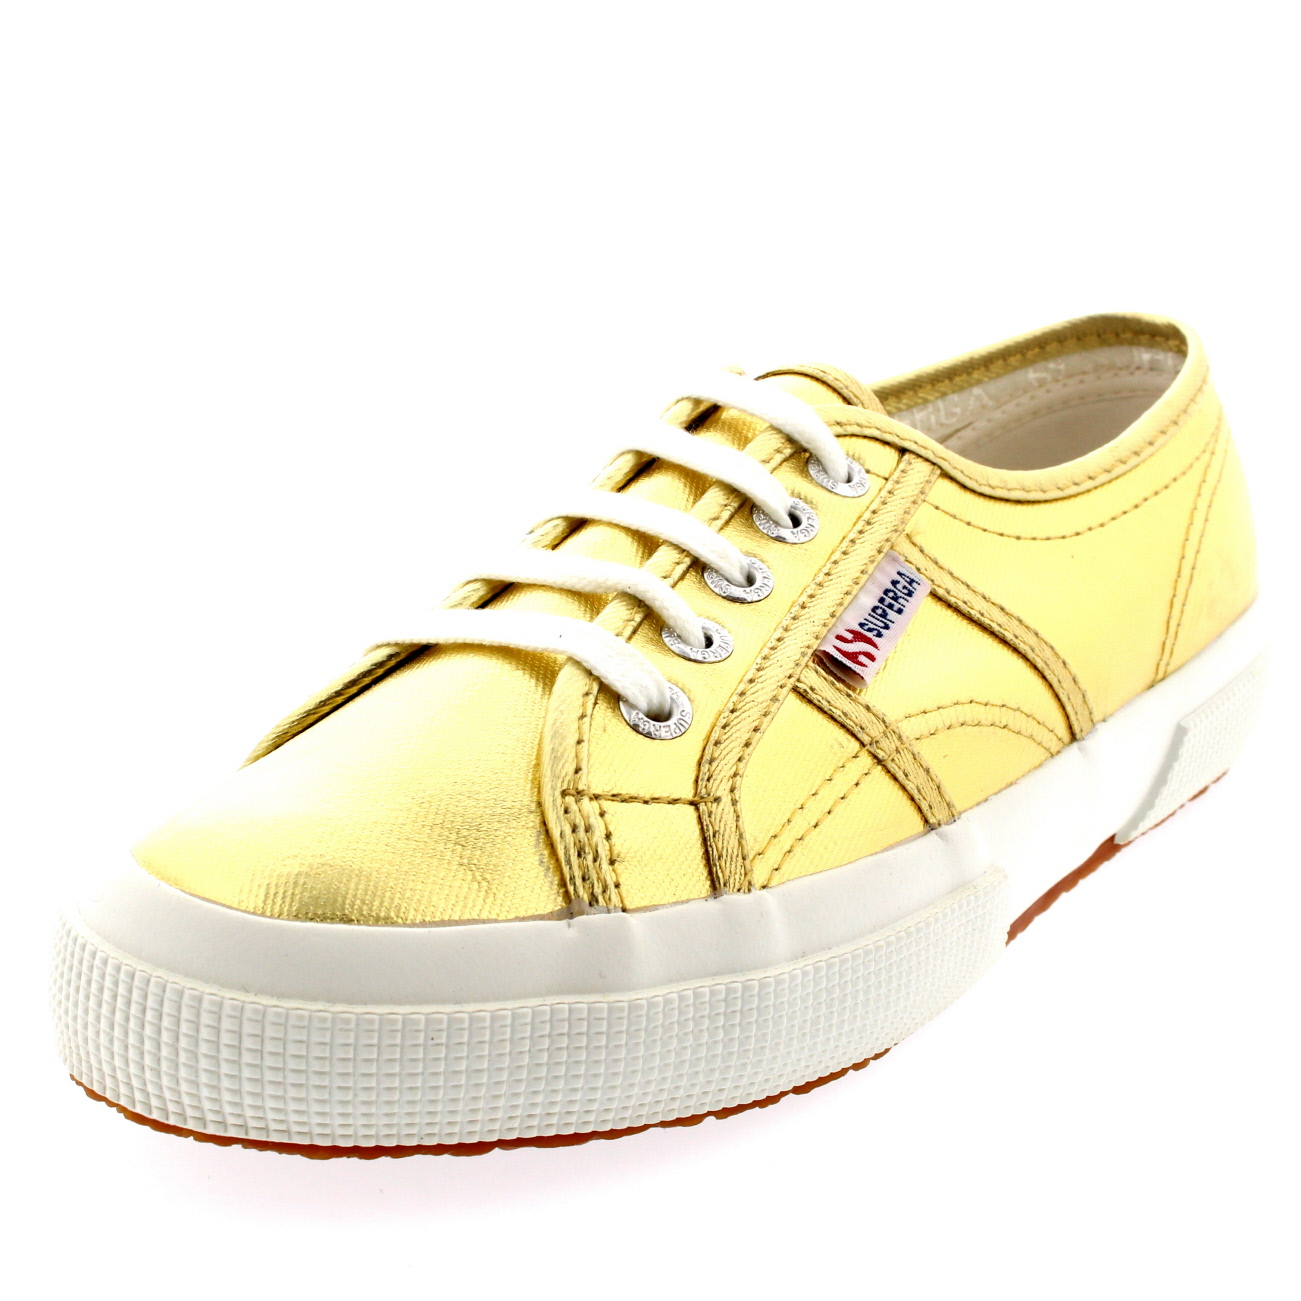 femmes  Superga 2750 Cotmetu Casual Metallic Low Top Top Top Plimsoll Sneaker US 5.5-10.5 e15c68